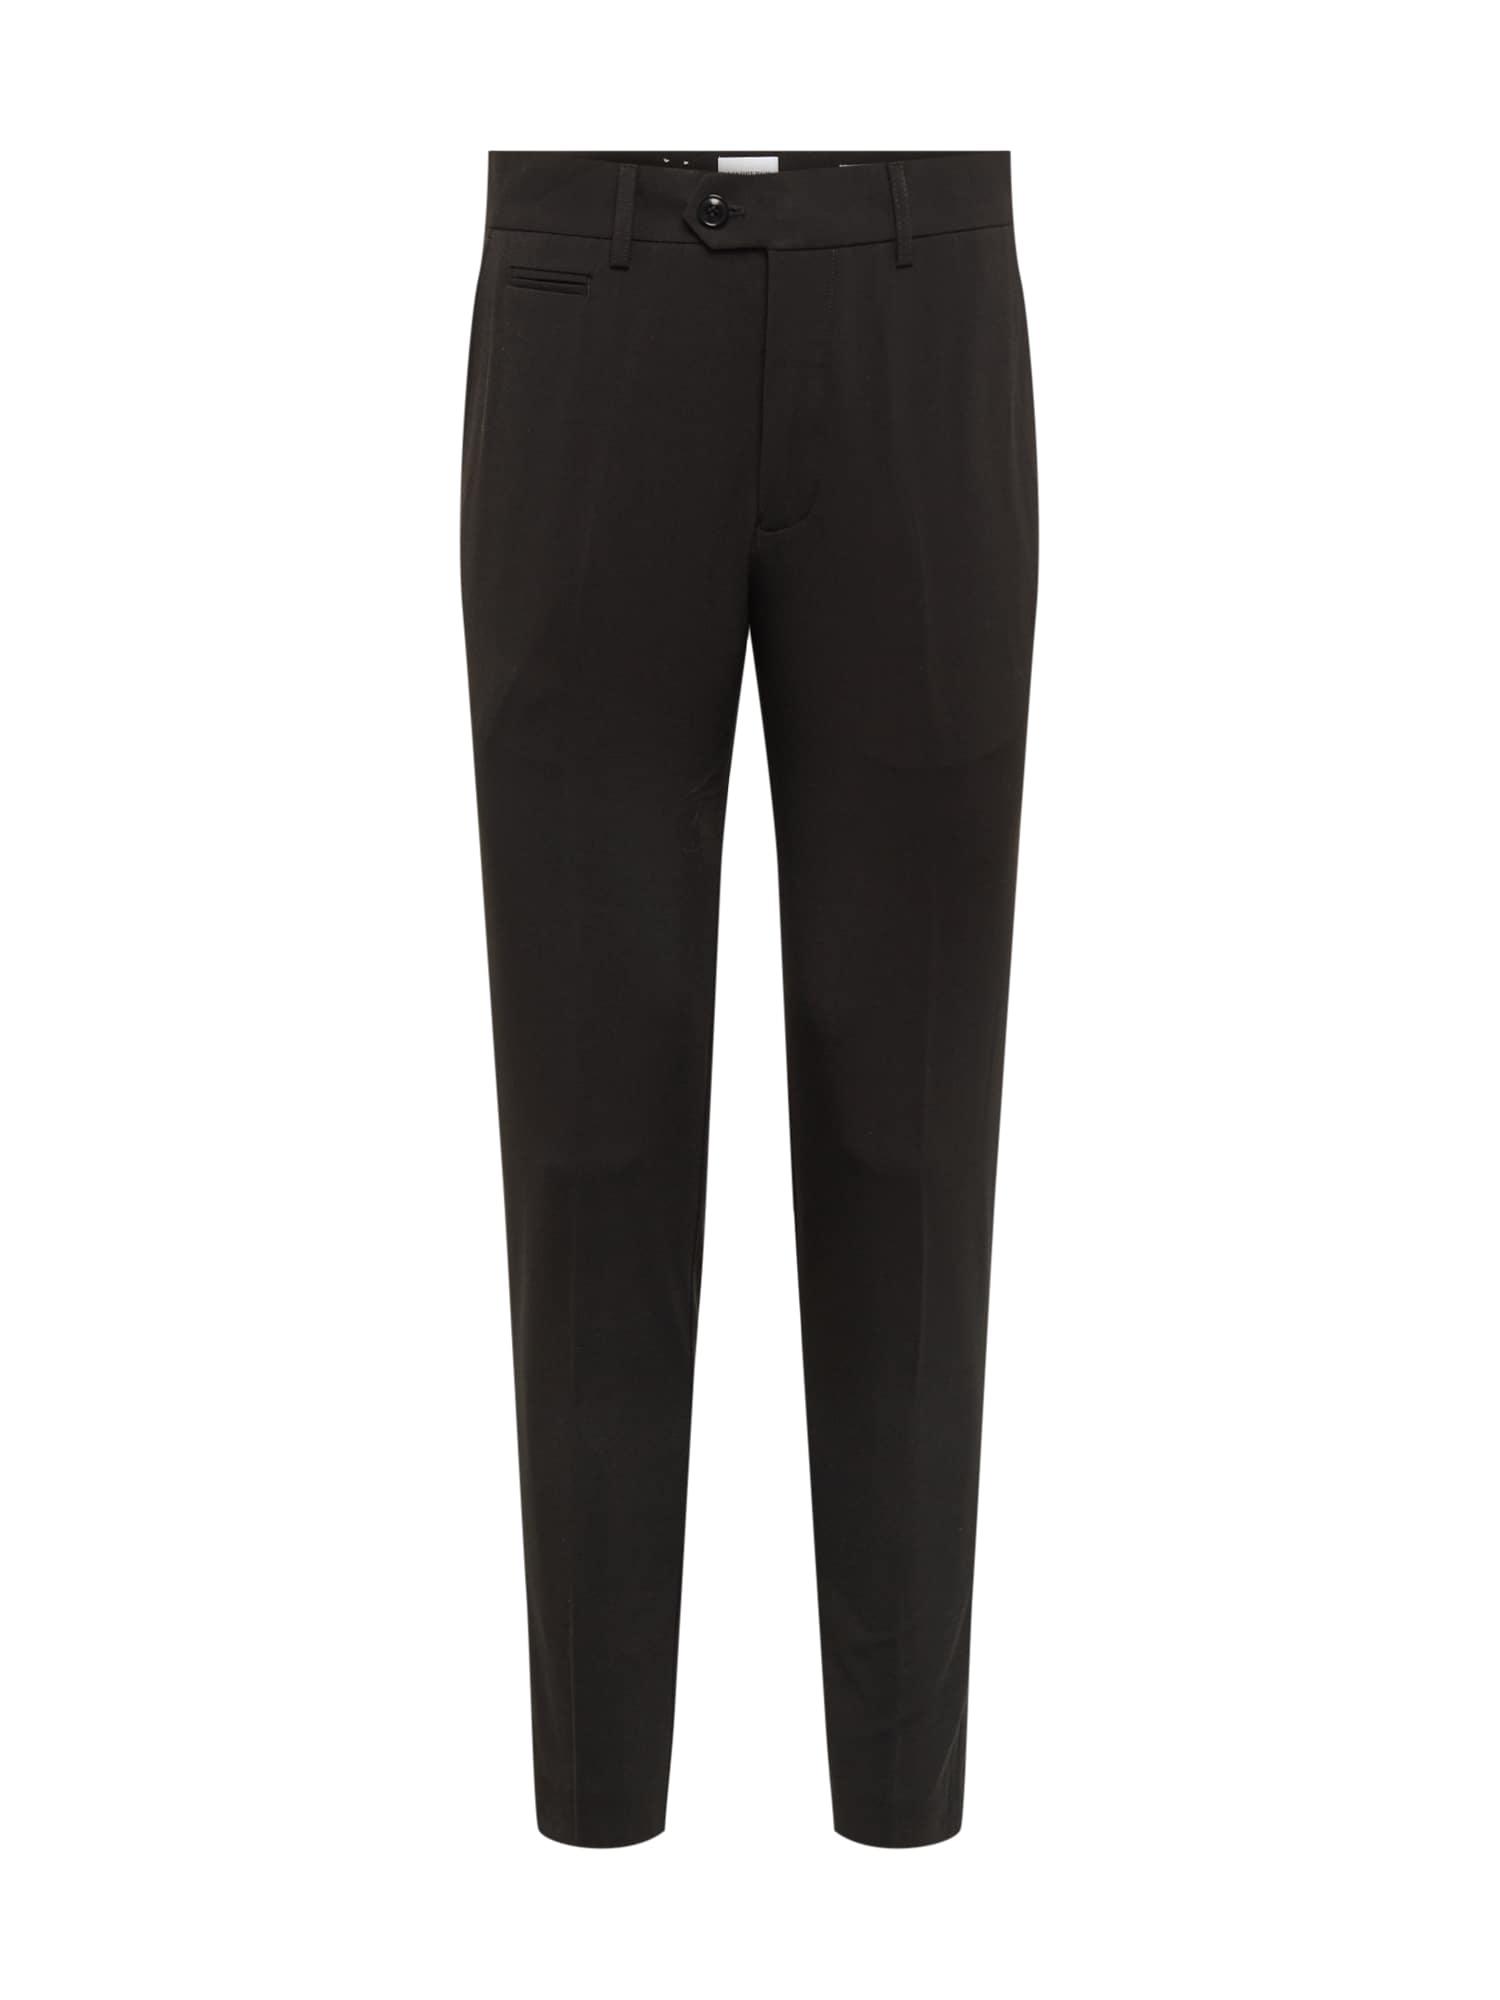 Lindbergh Pantalon à plis 'Club pants'  - Noir - Taille: XL - male